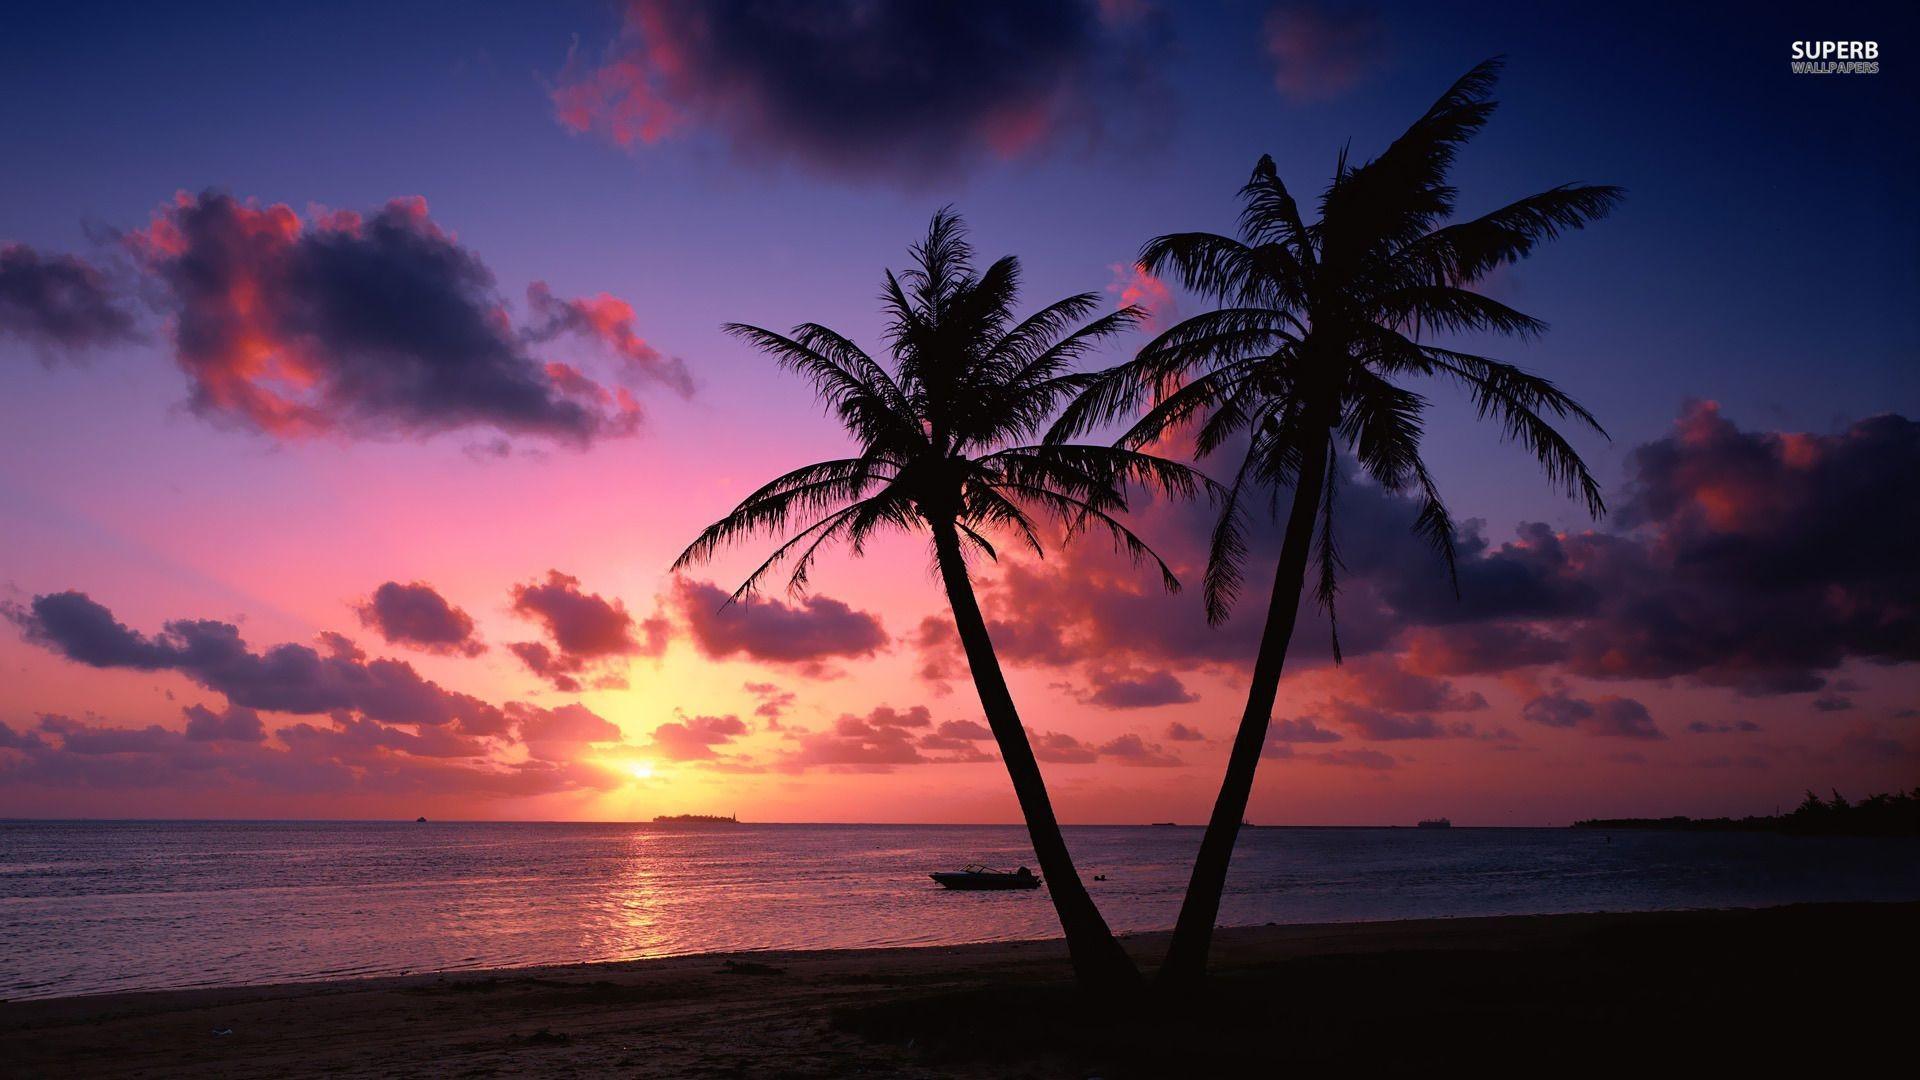 Res: 1920x1080, Ocean Sunset HD wallpaper | 1366x768 | #6760